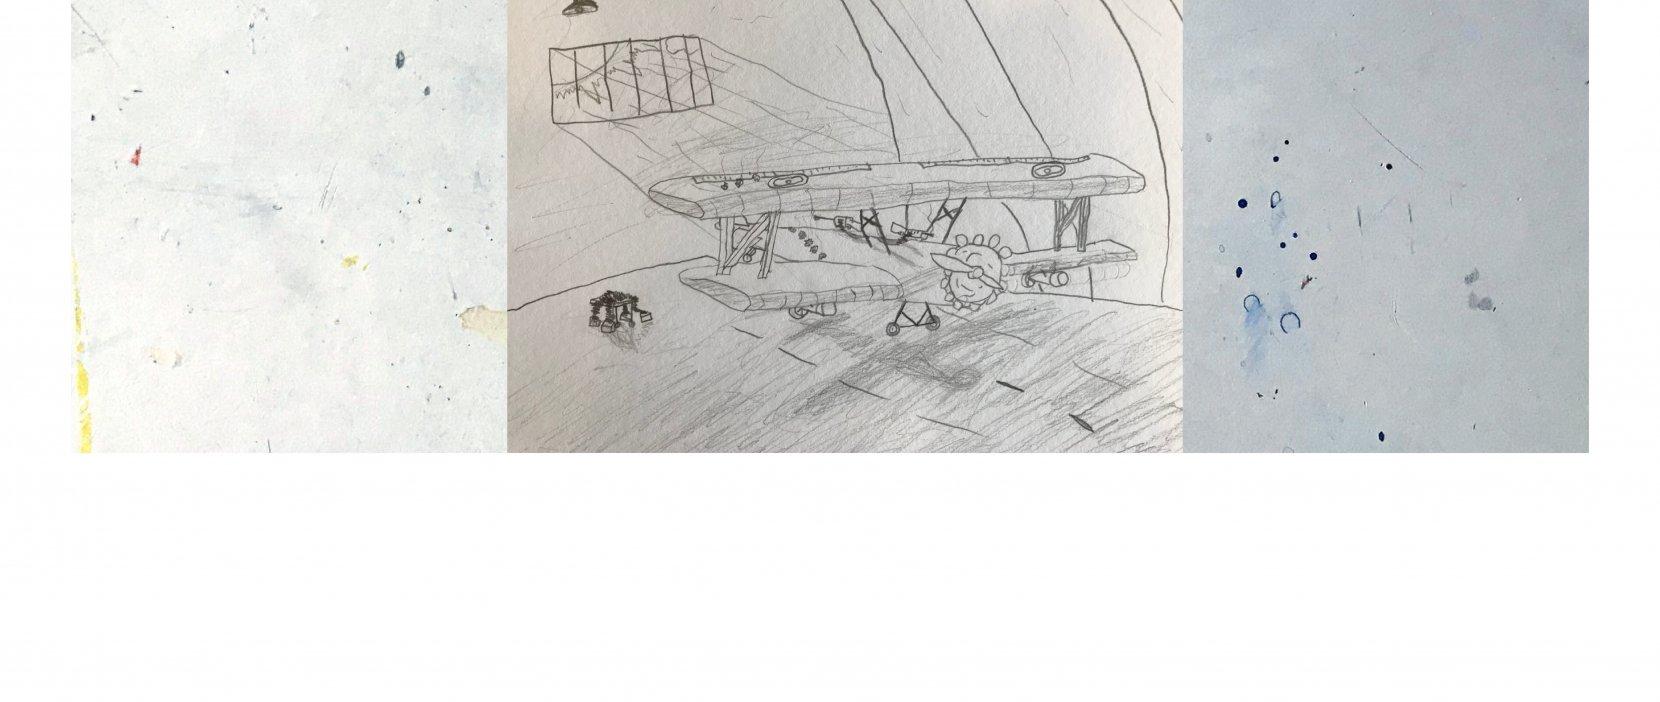 Tegning af gammel flyvemaskine